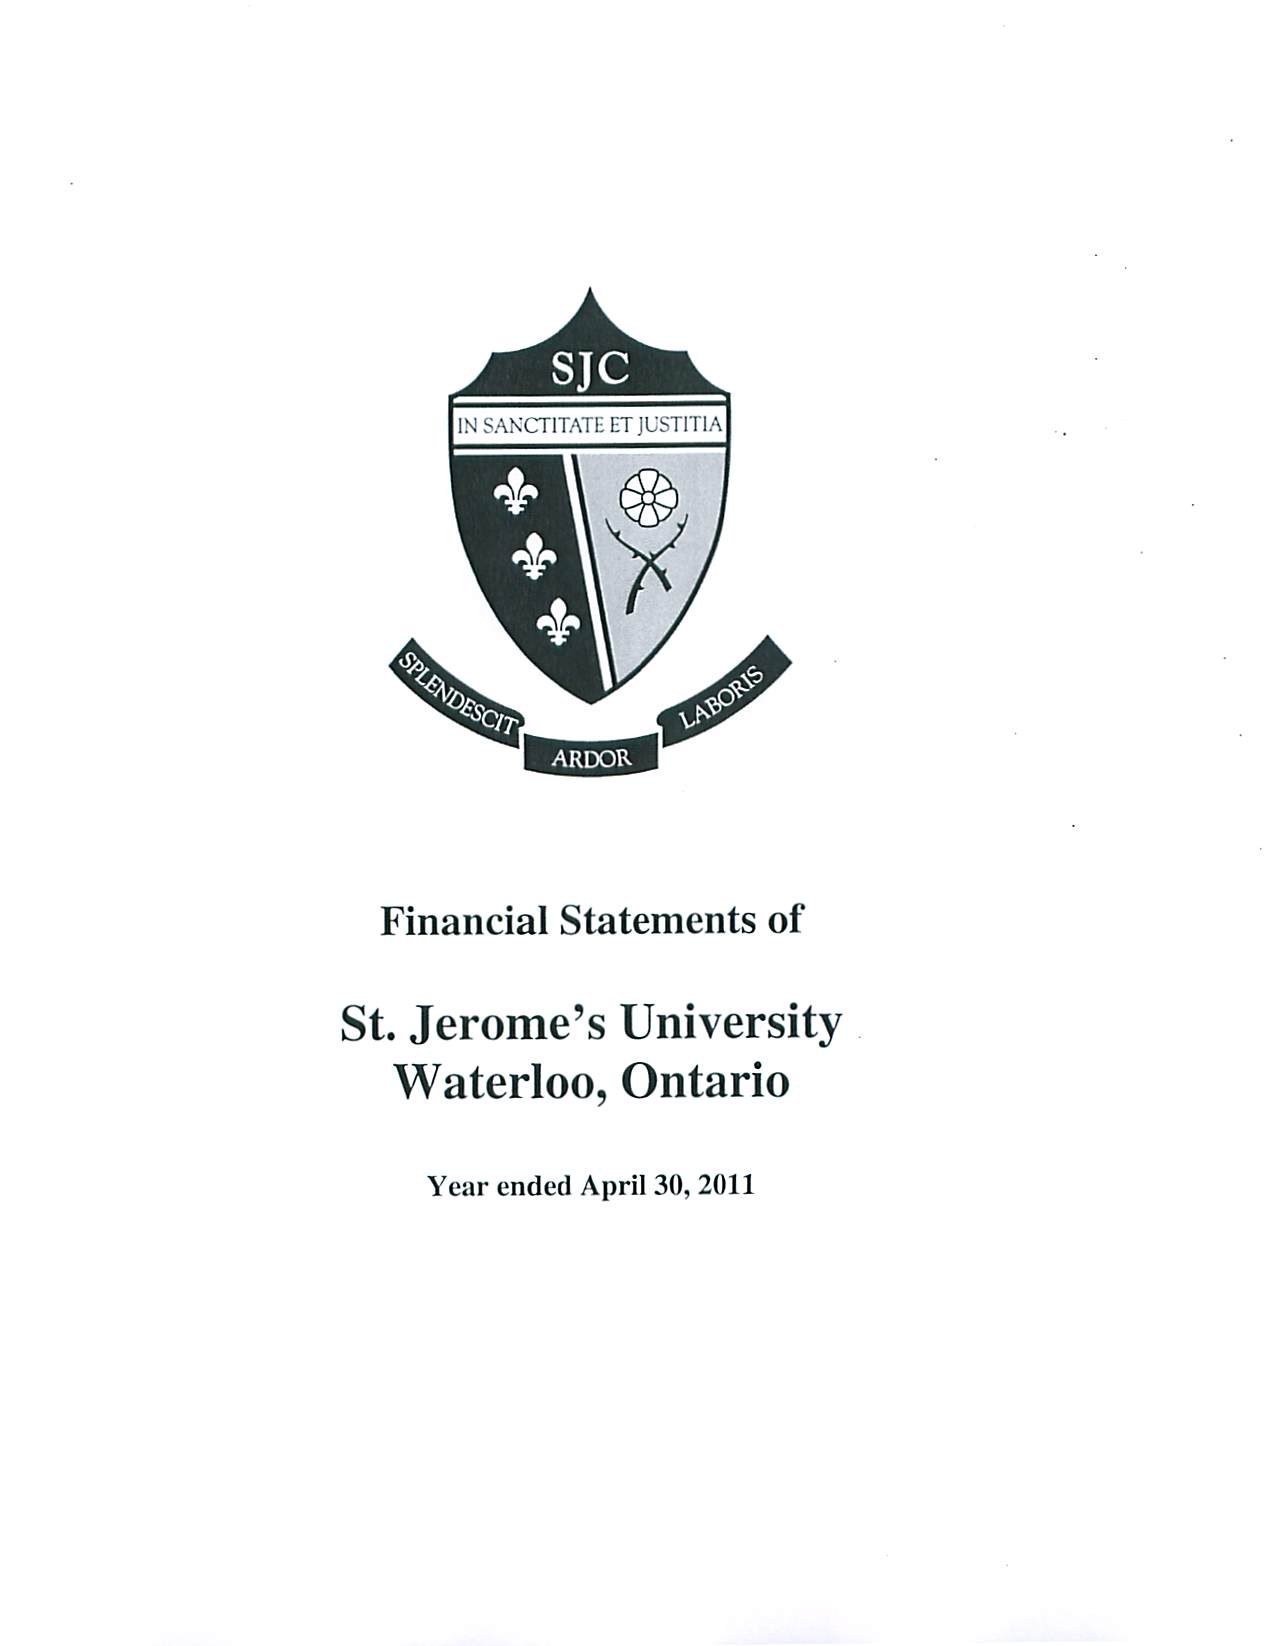 SJU Financial Statements Ending 2011